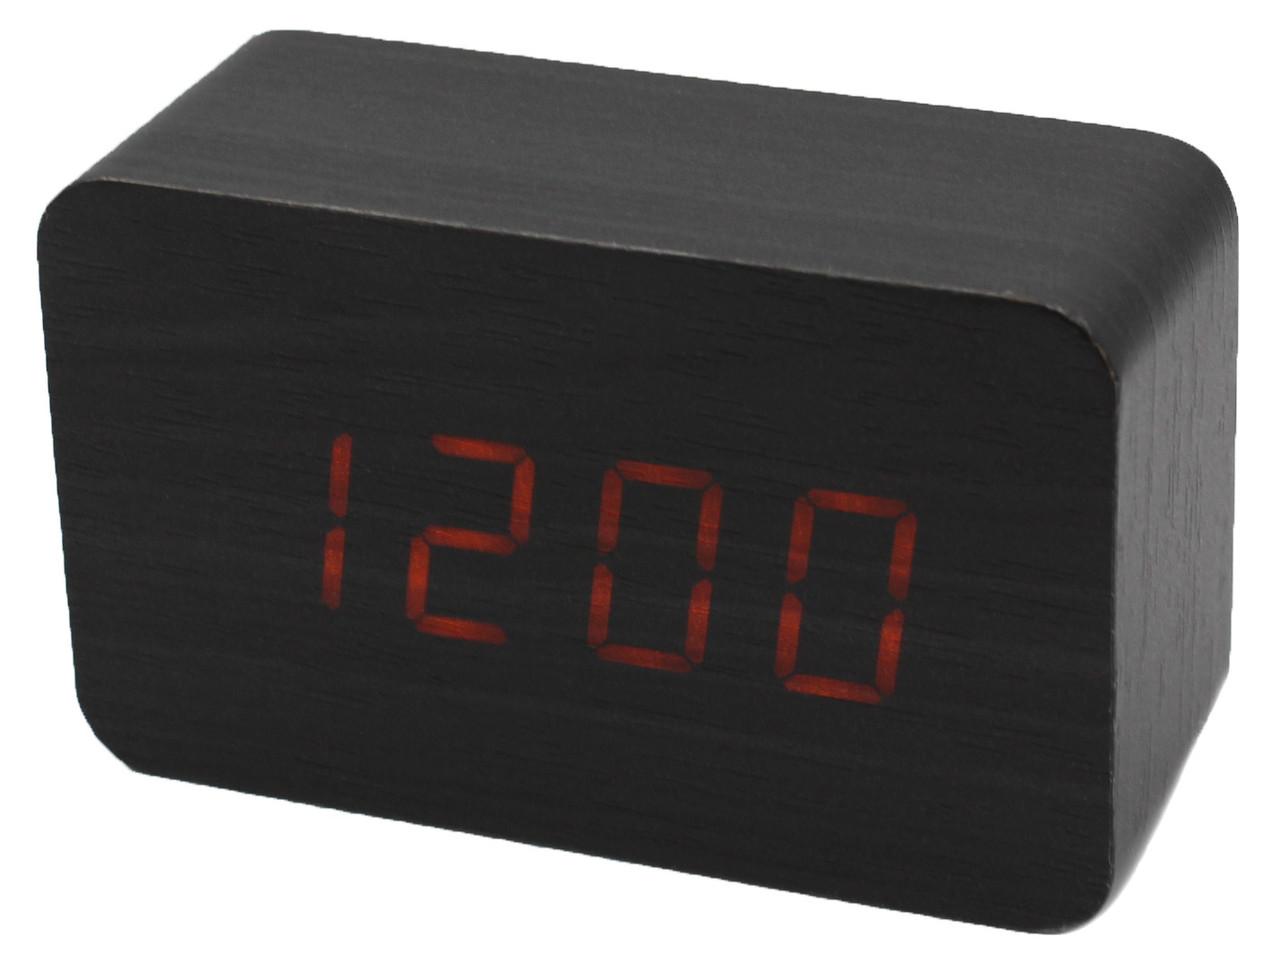 Часы-Будильник VST-863-1-Orang с температурой и подсветкой